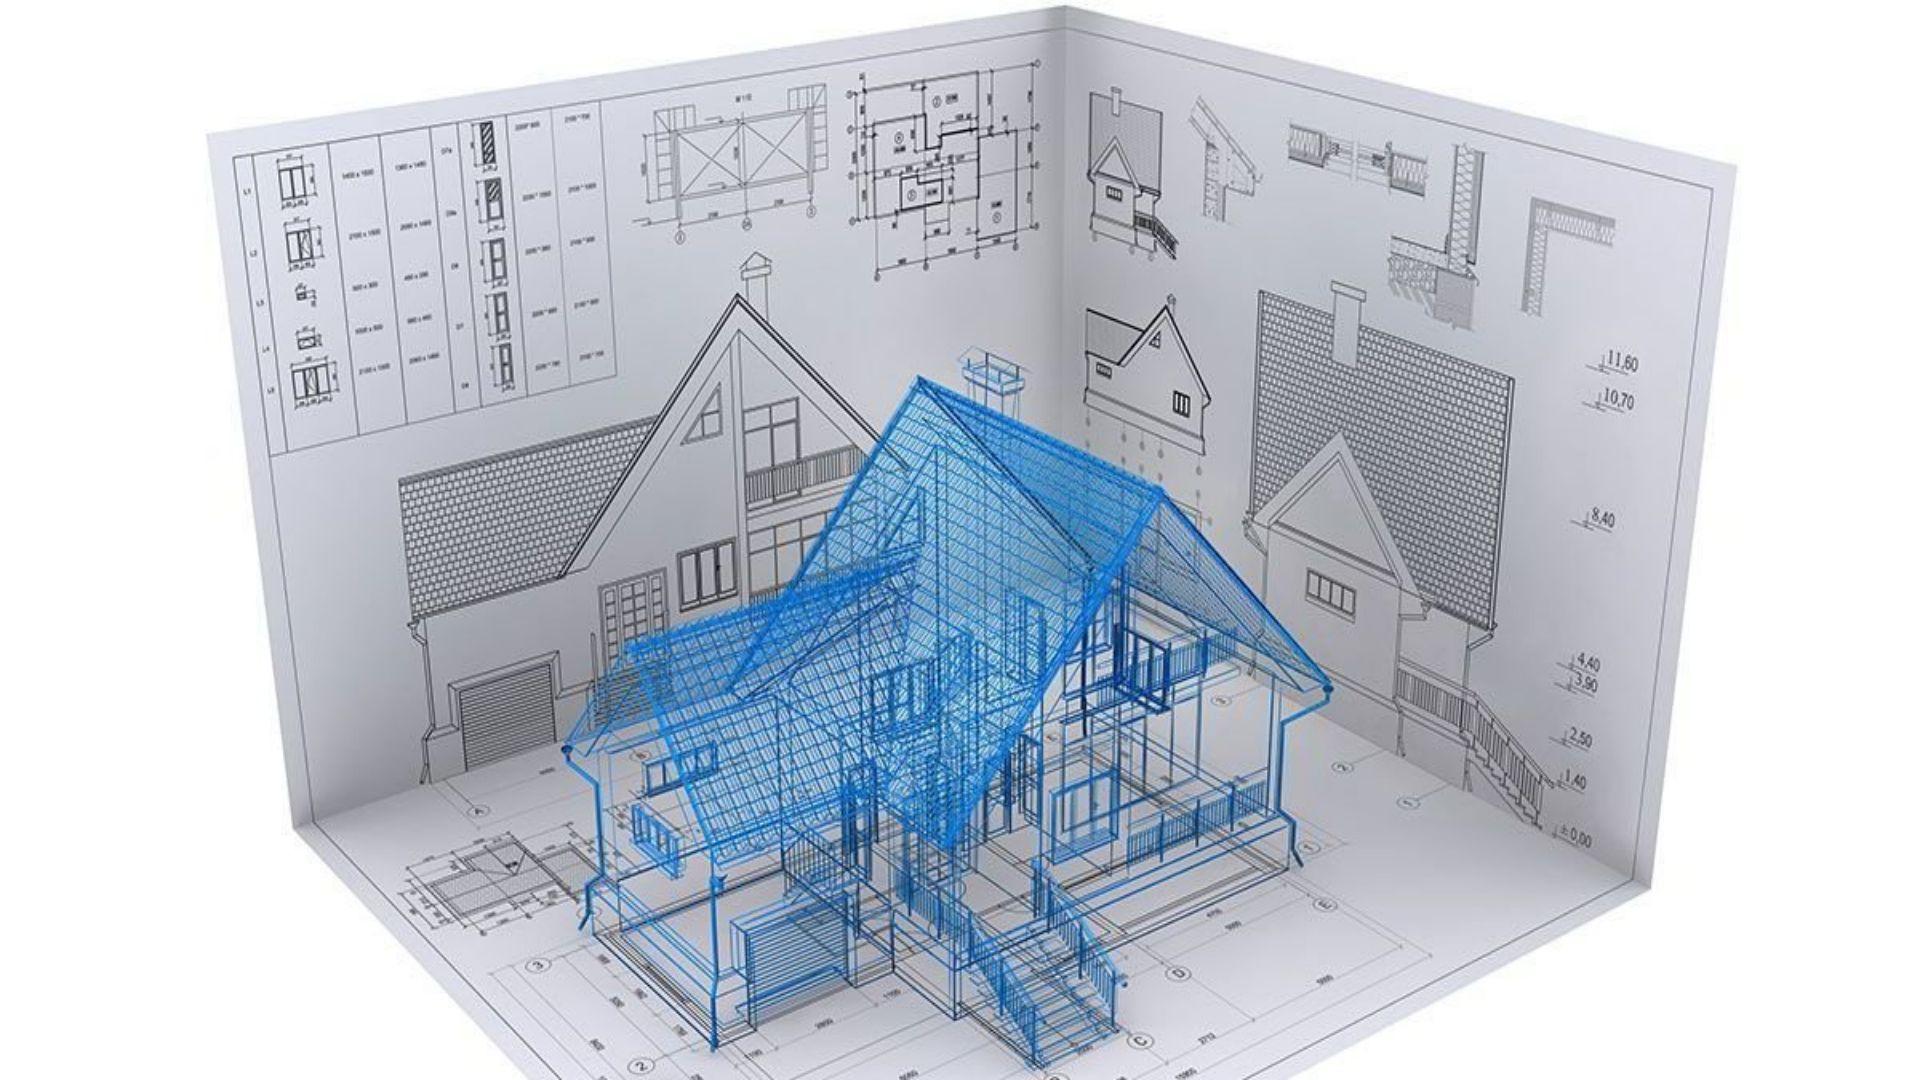 Проект дома с учётом ваших пожеланий, проект планировки участка в подарок